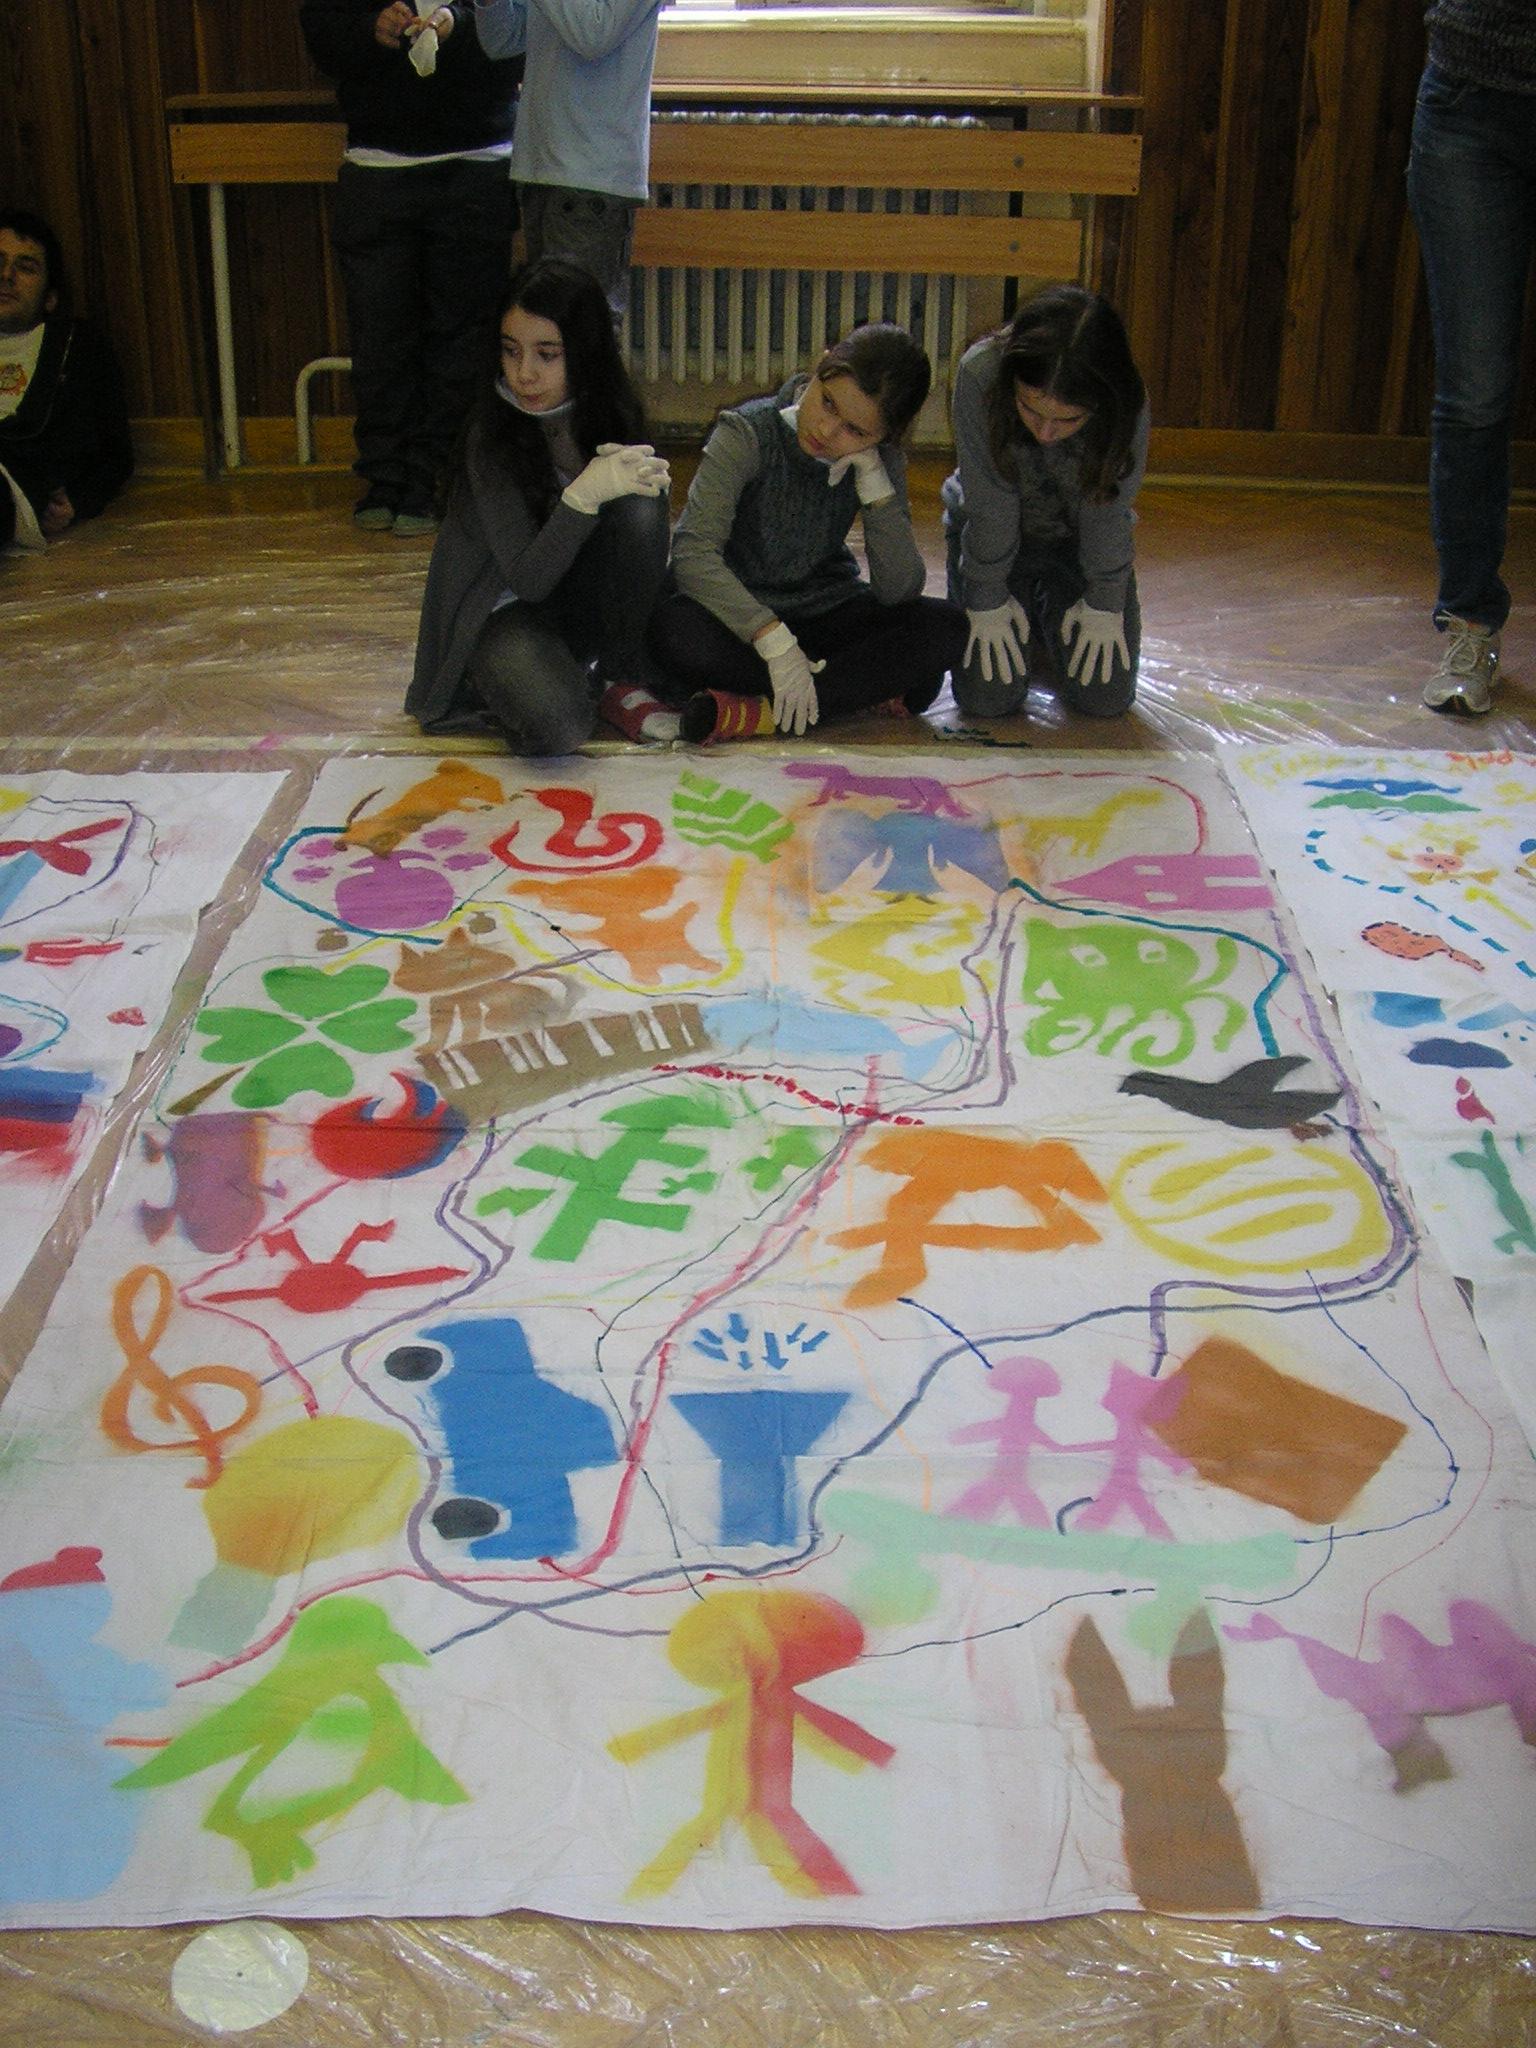 Medzinárodný projekt Science Grafitti – plátno interkultúrneho porozumenia